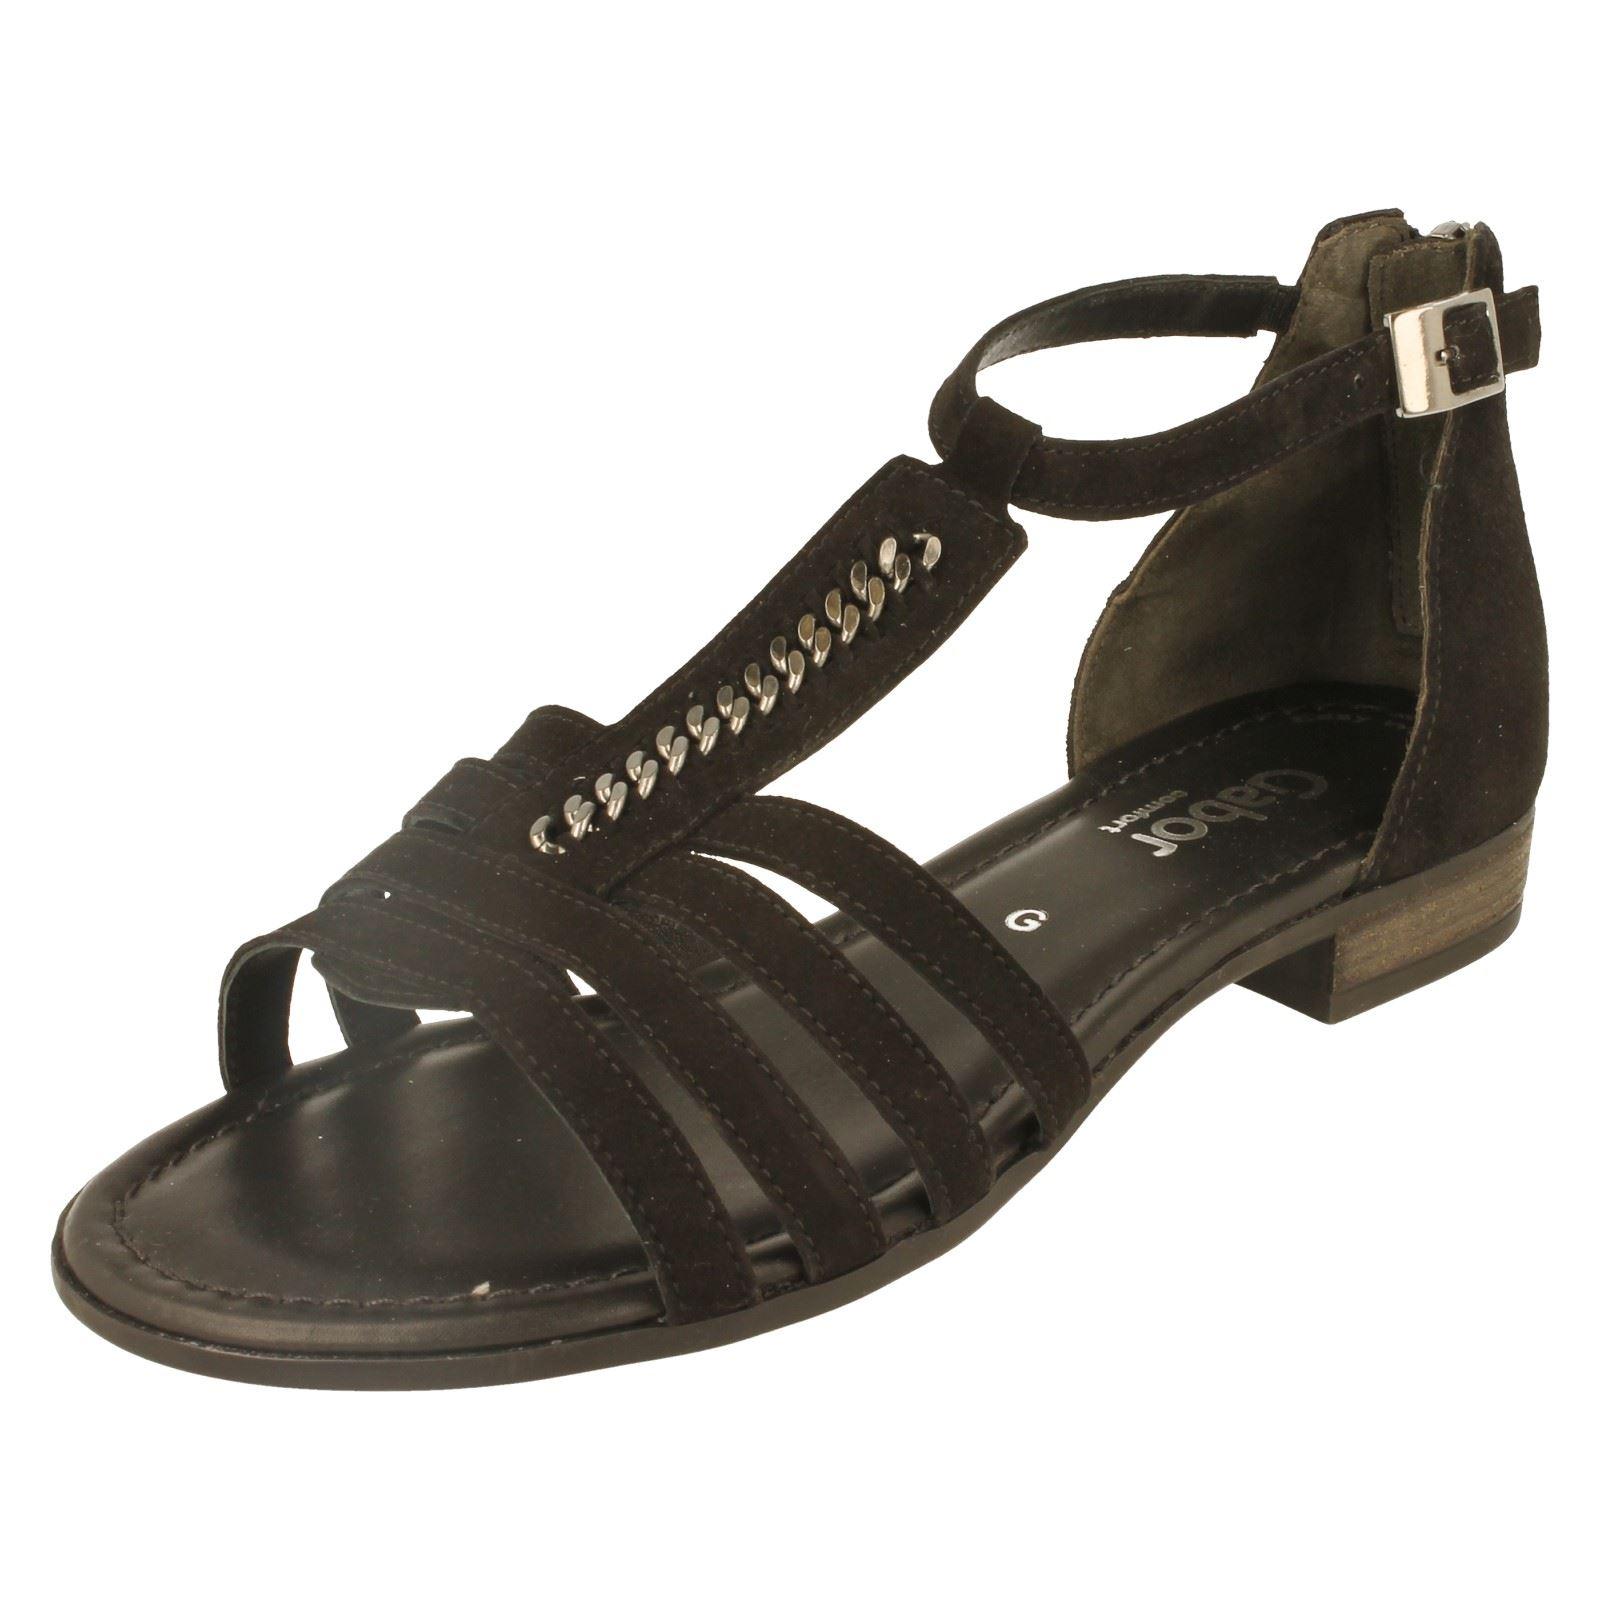 Sandalo 8593 Donna Inuovo 8593 Sandalo Primavera/Estate Scarpe di bell'aspetto, resistenti e durevoli 348b11